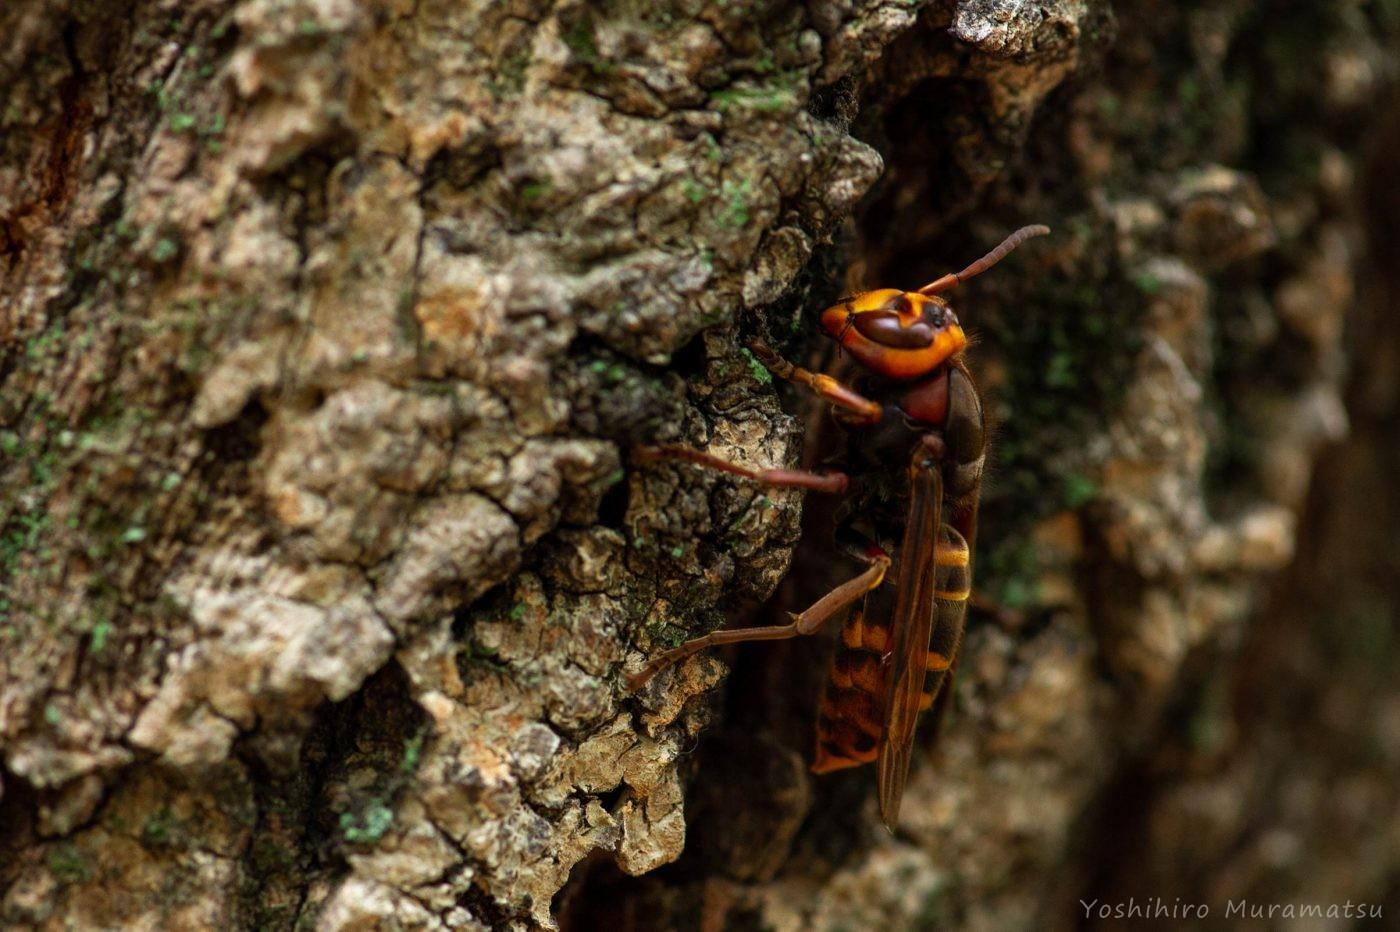 モンスズメバチの写真